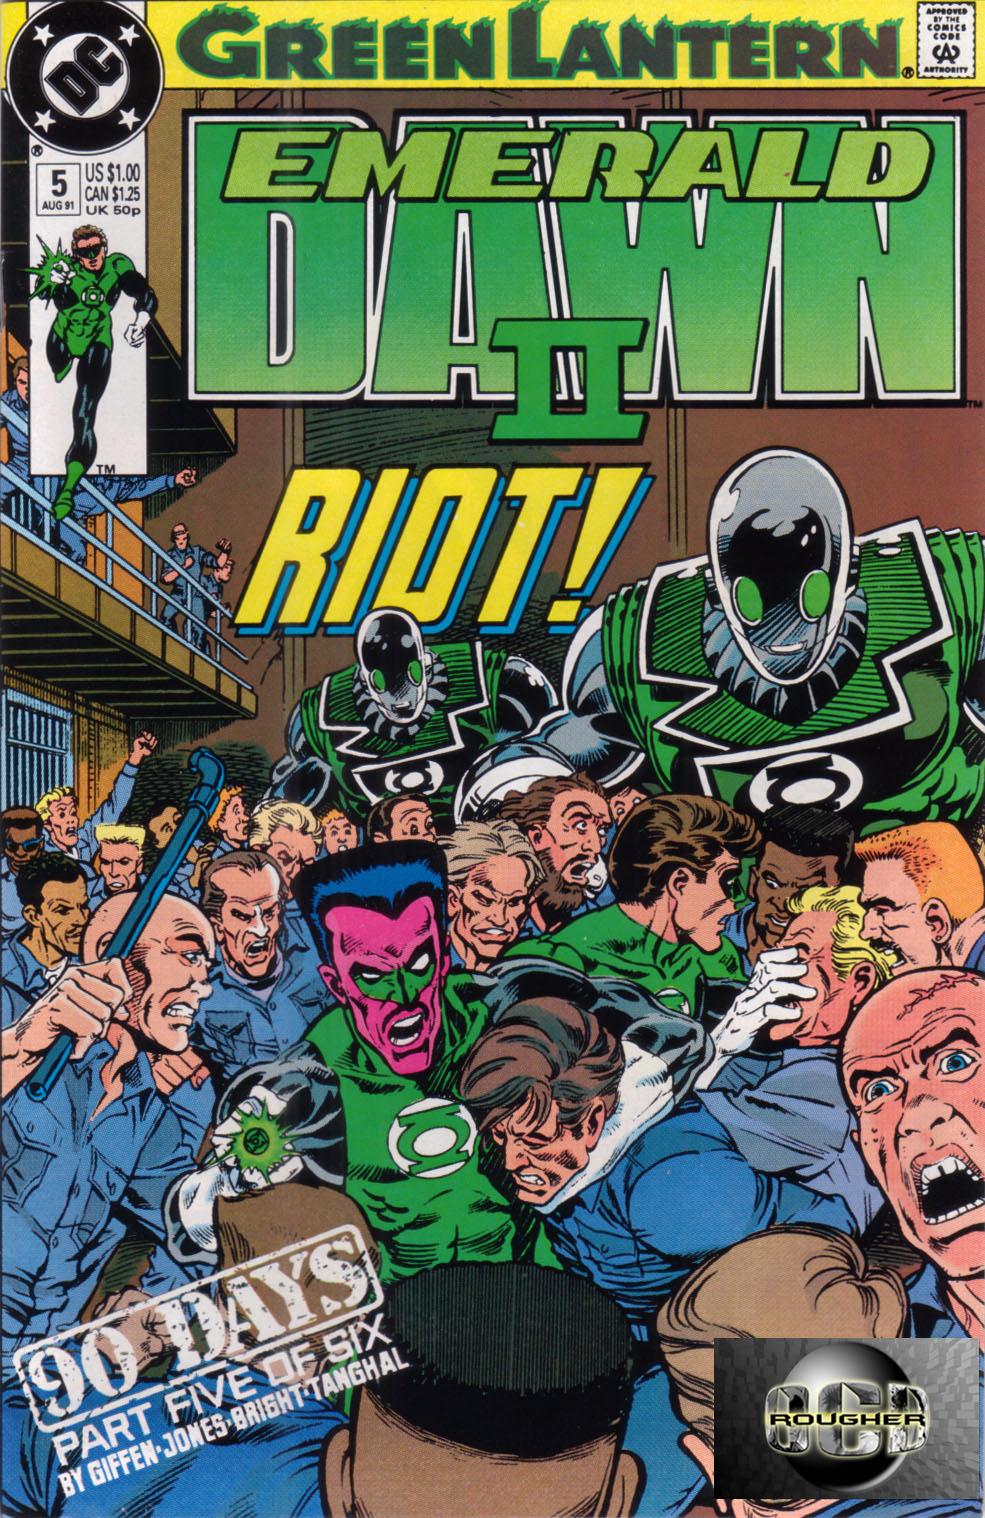 Green Lantern: Emerald Dawn II 5 Page 1